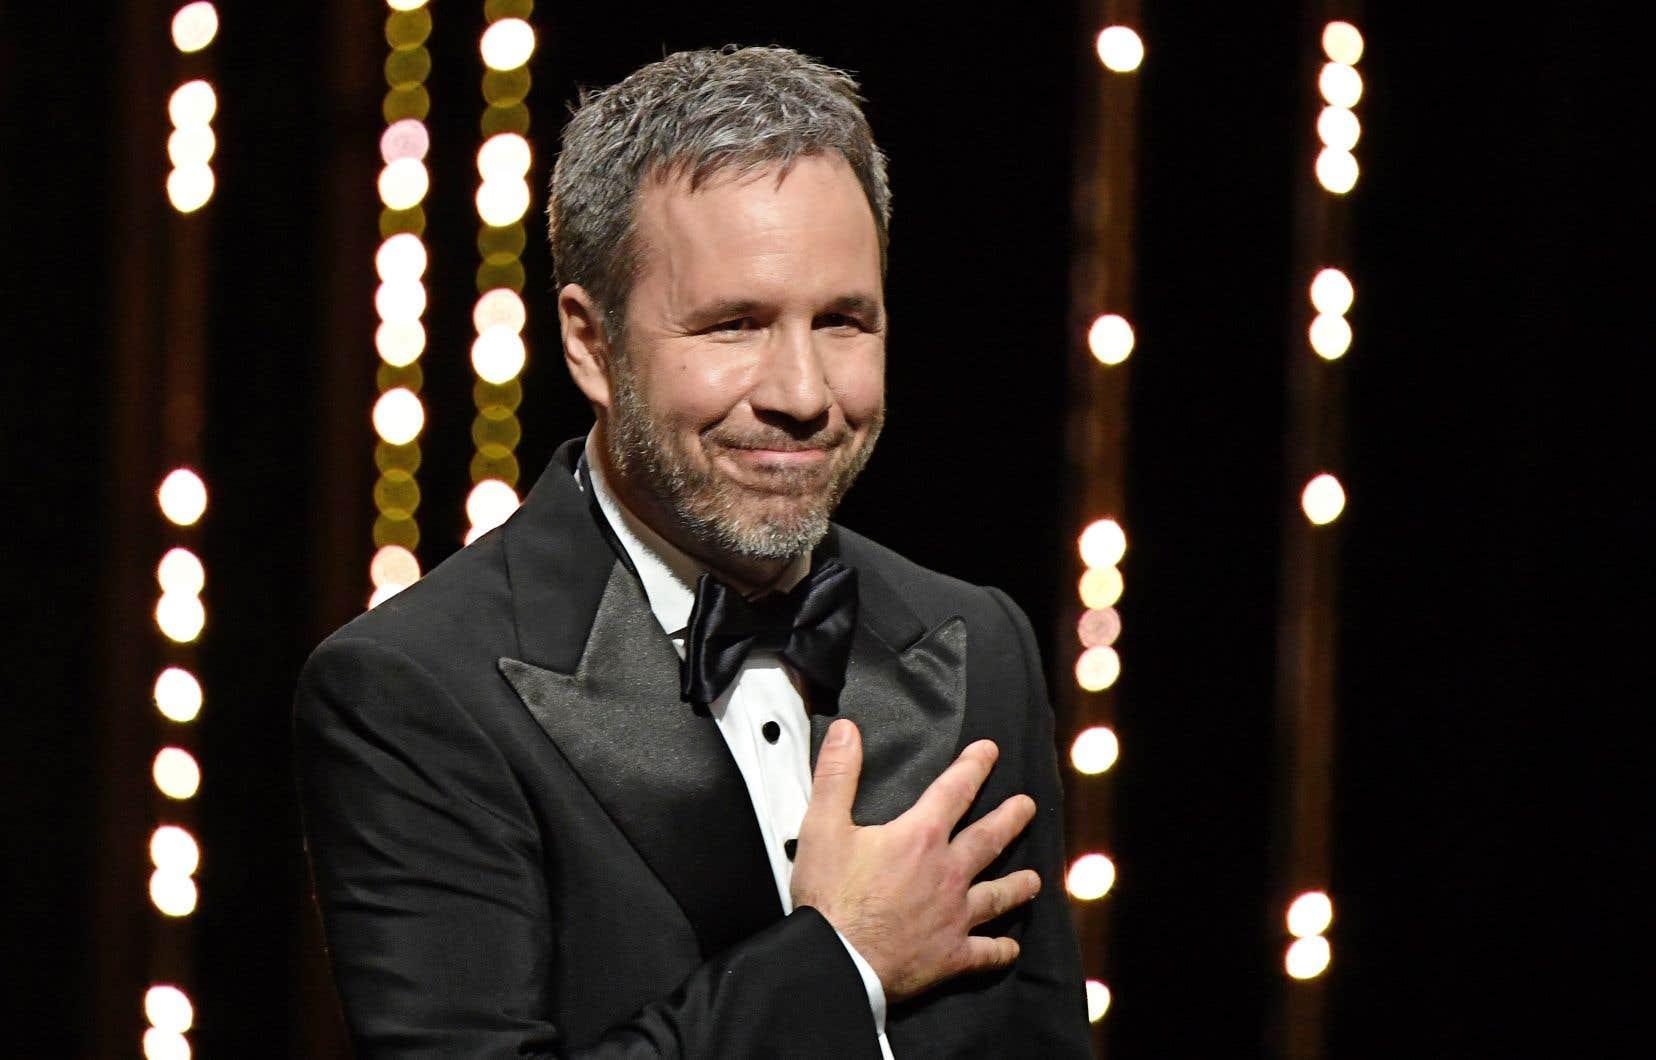 Le réalisateur et scénariste Denis Villeneuve entend se placer devant un film avec le regard vierge.